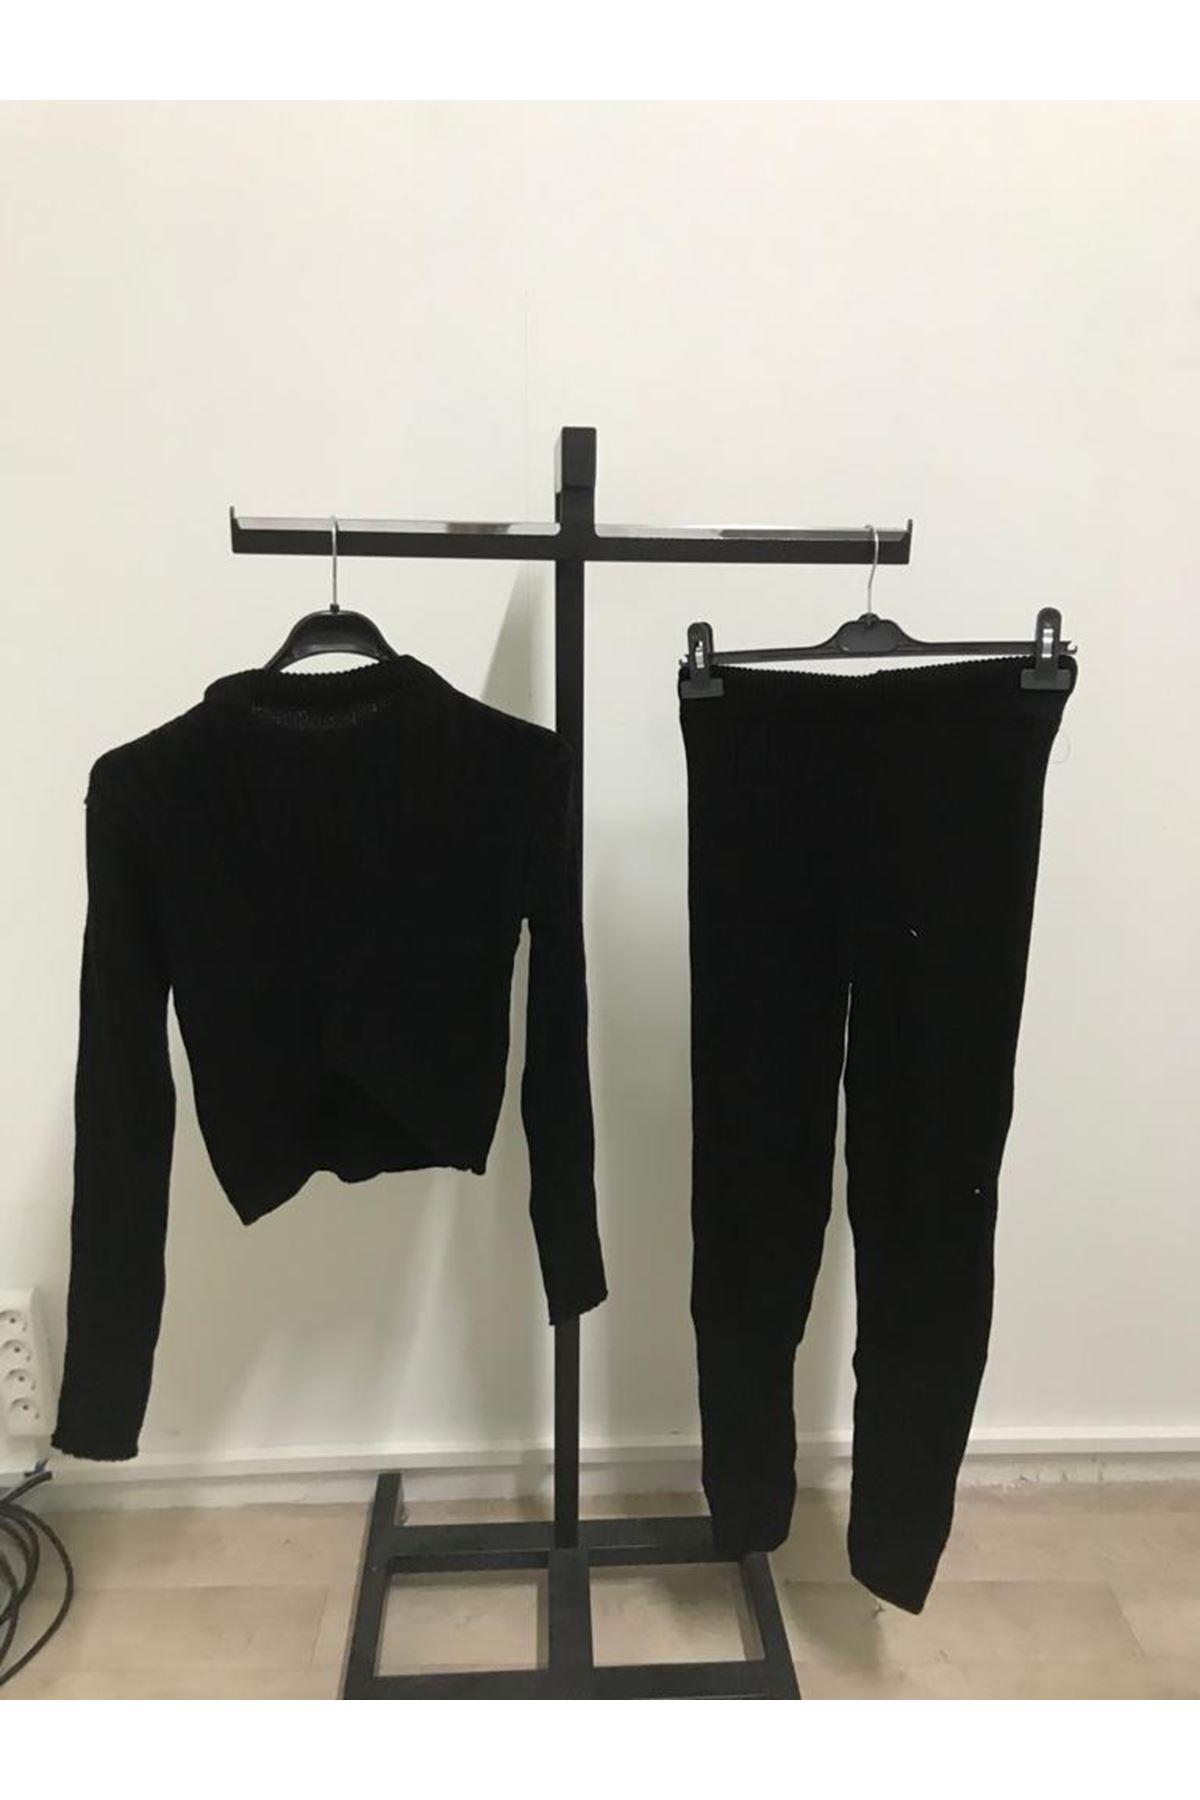 2 Renk Triko İkili Takım - siyah